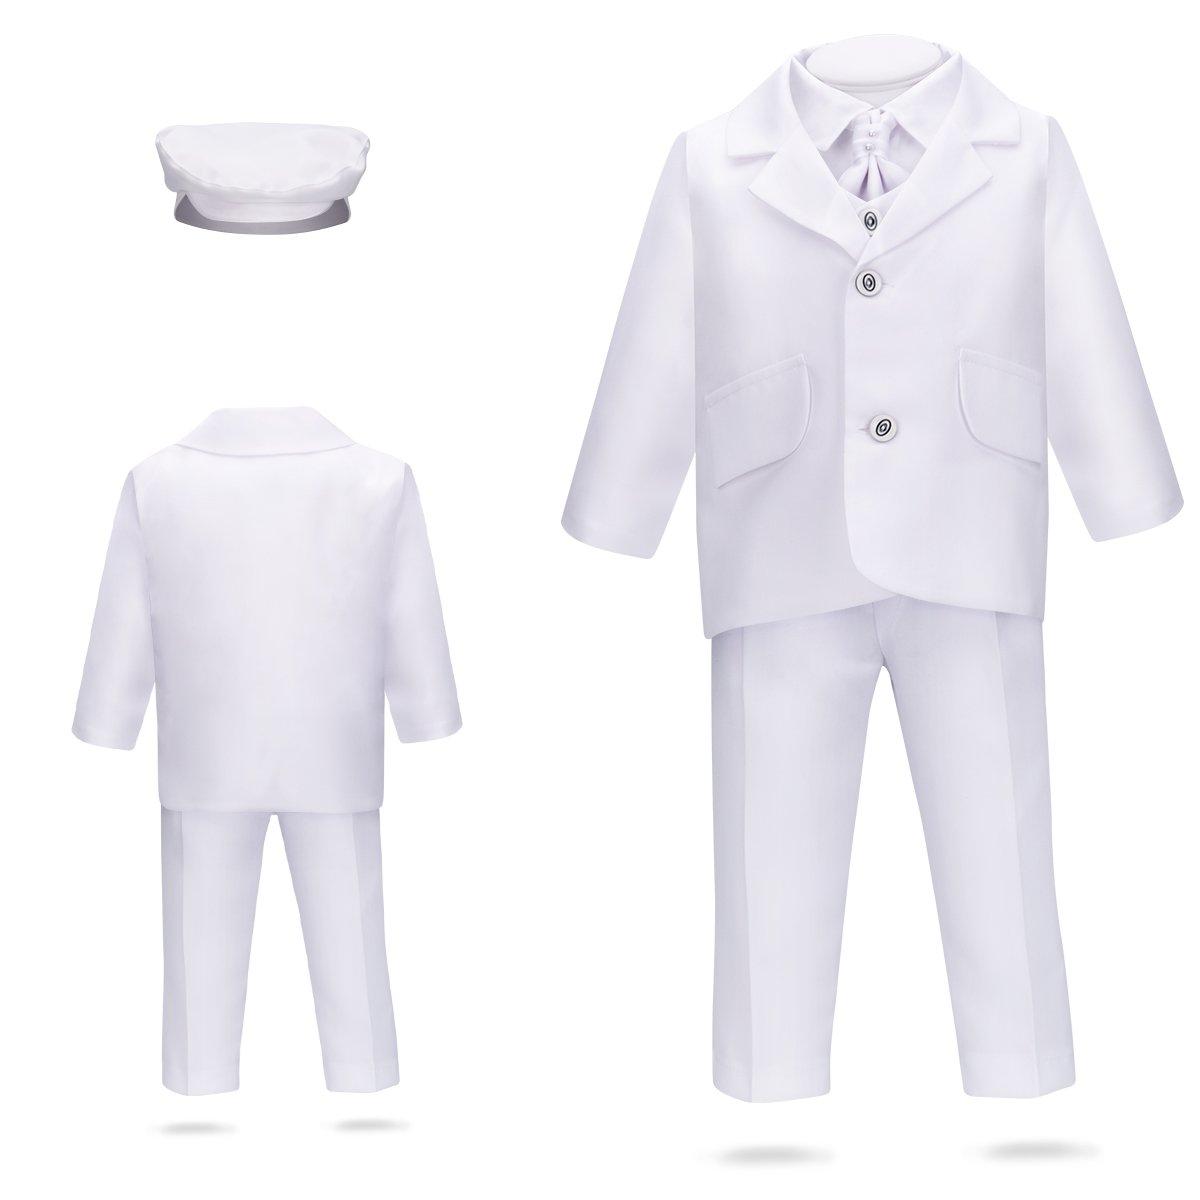 Garnitur na chrzest do chrztu biały dla chłopca